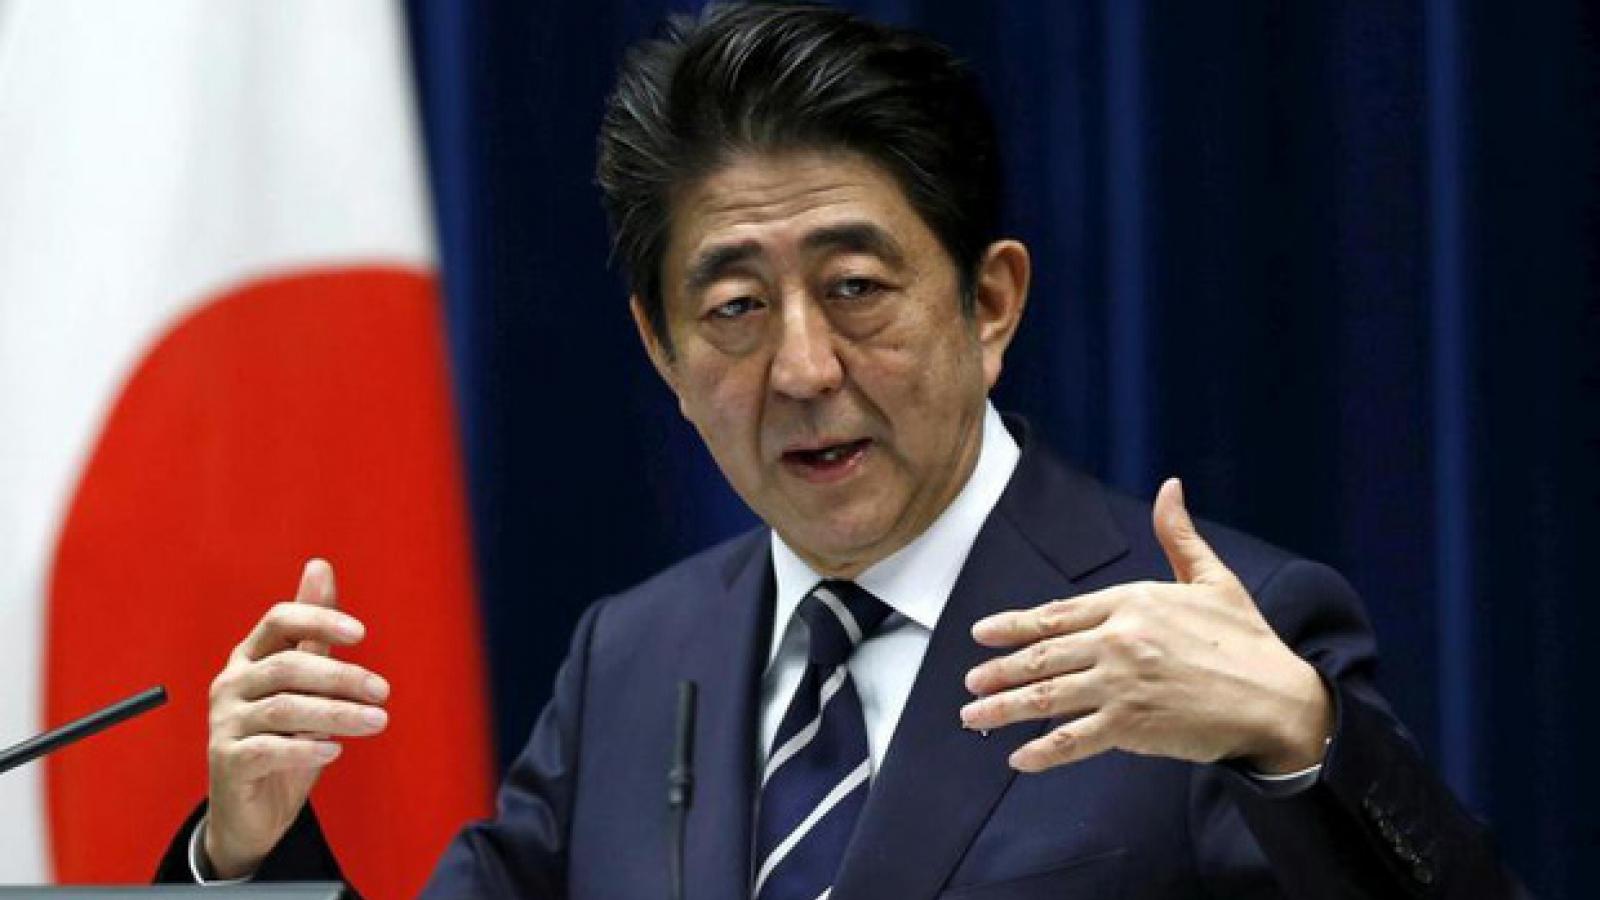 Thủ tướng Nhật Bản Abe Shinzo chính thức từ nhiệm